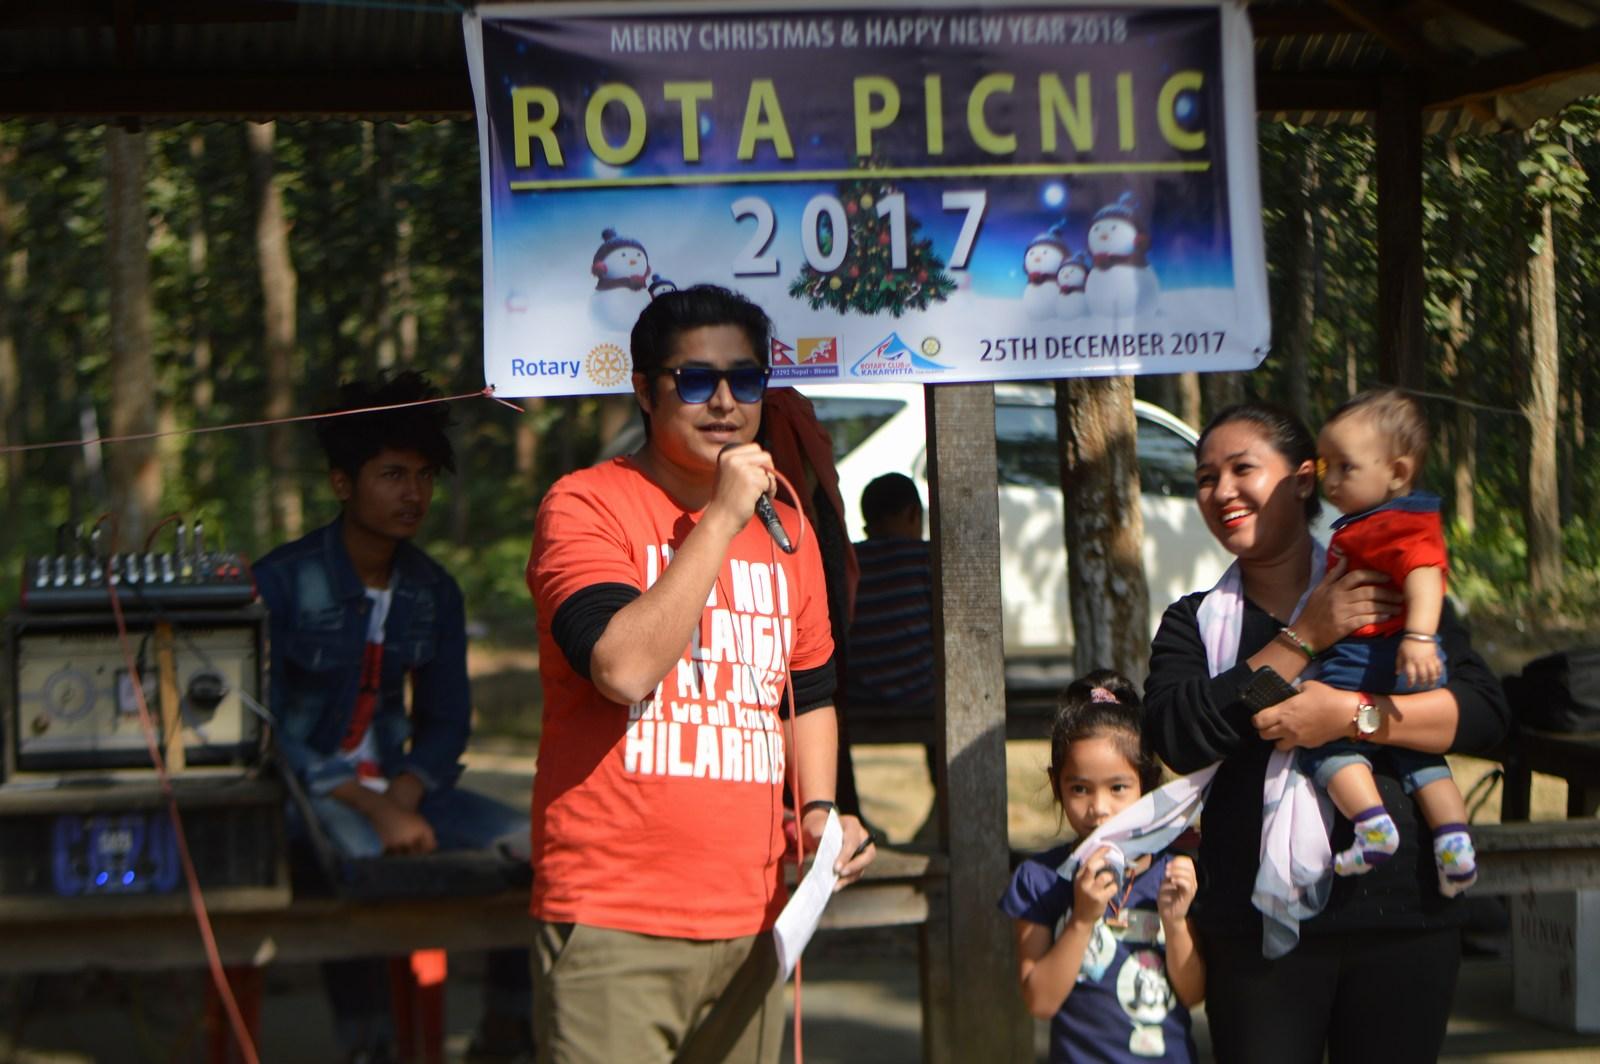 Rota-Picnic-2017-Rotary-Club-of-Kakarvitta-81